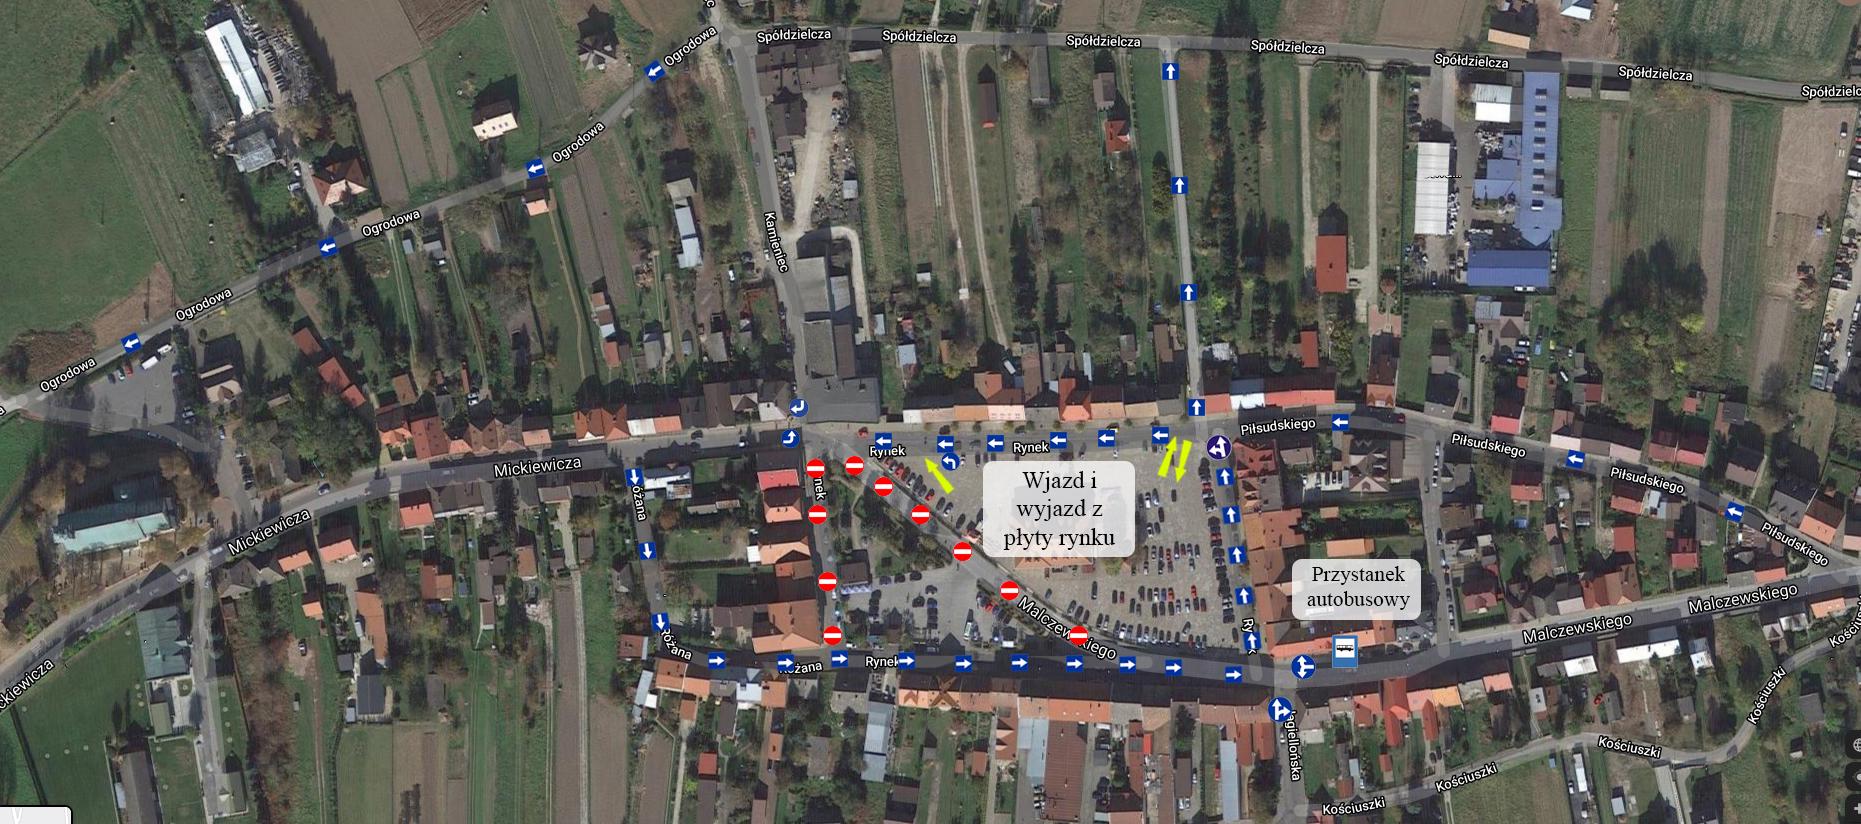 mapa z obowiązująca od 16 września 2020 r. zmianą w tymczasowej organizacji ruchu w Rynku w Zakliczynie